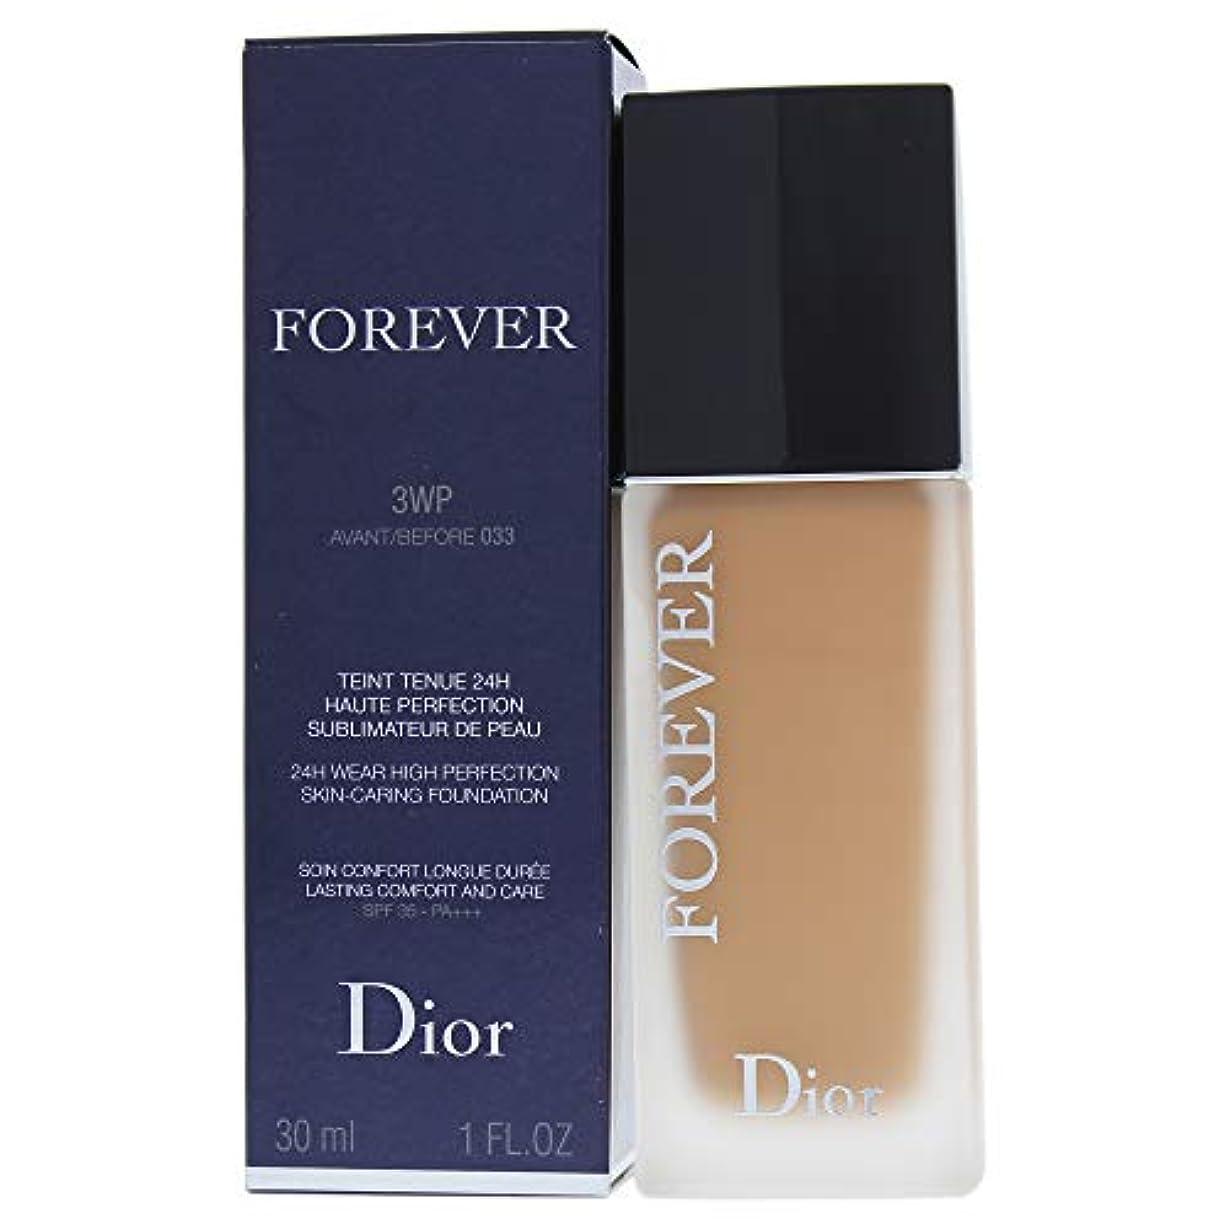 娯楽息切れ慣らすクリスチャンディオール Dior Forever 24H Wear High Perfection Foundation SPF 35 - # 3WP (Warm Peach) 30ml/1oz並行輸入品